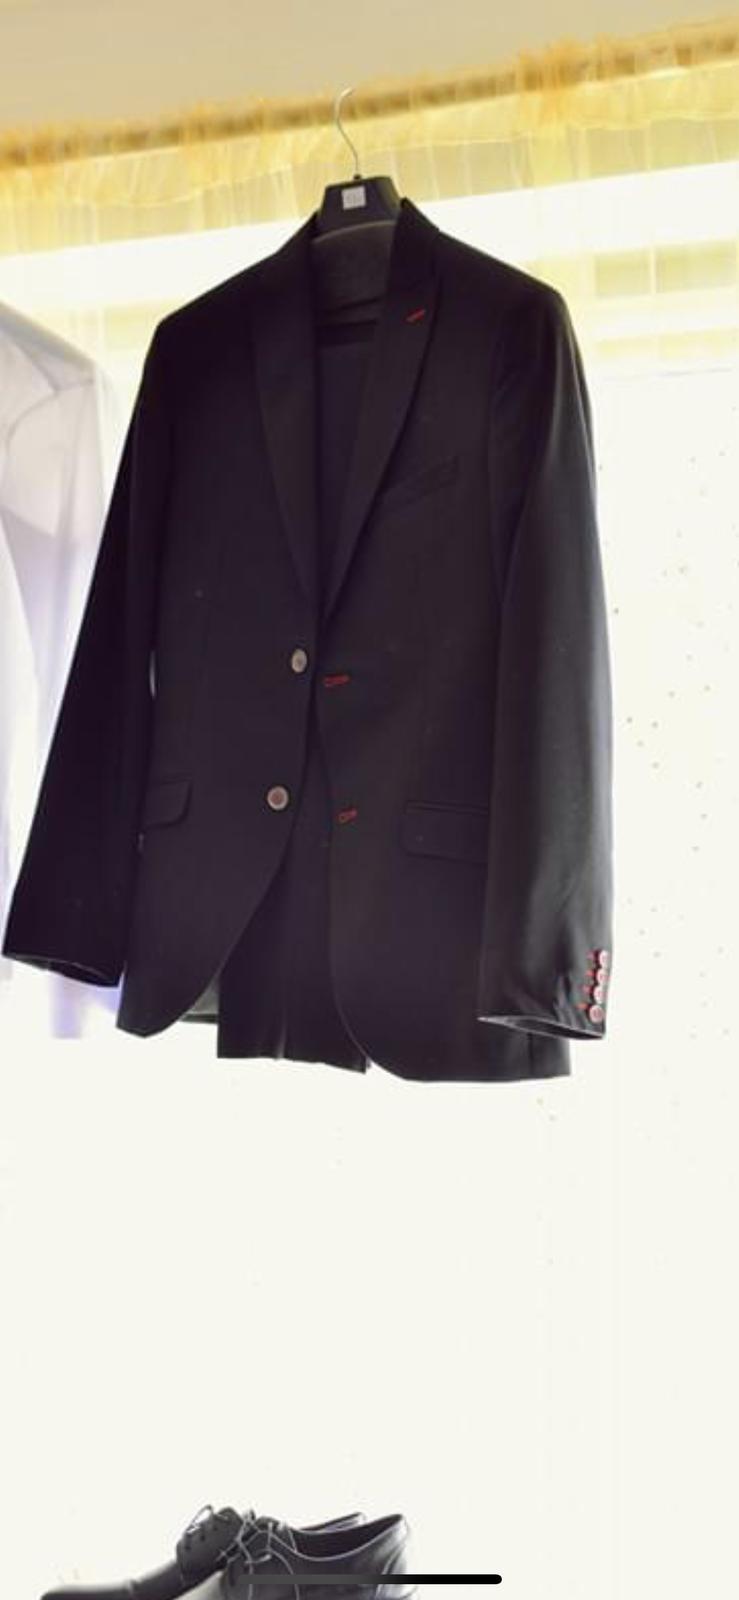 Svadobny oblek  - Obrázok č. 2